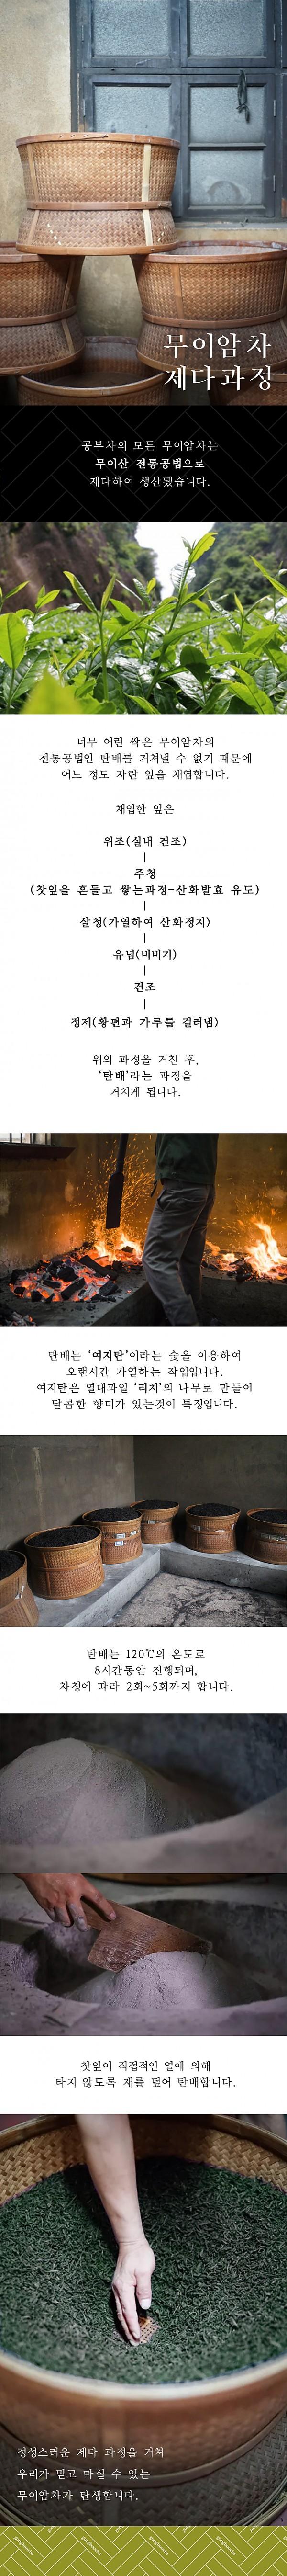 무이암차 쇼핑몰 중단.png